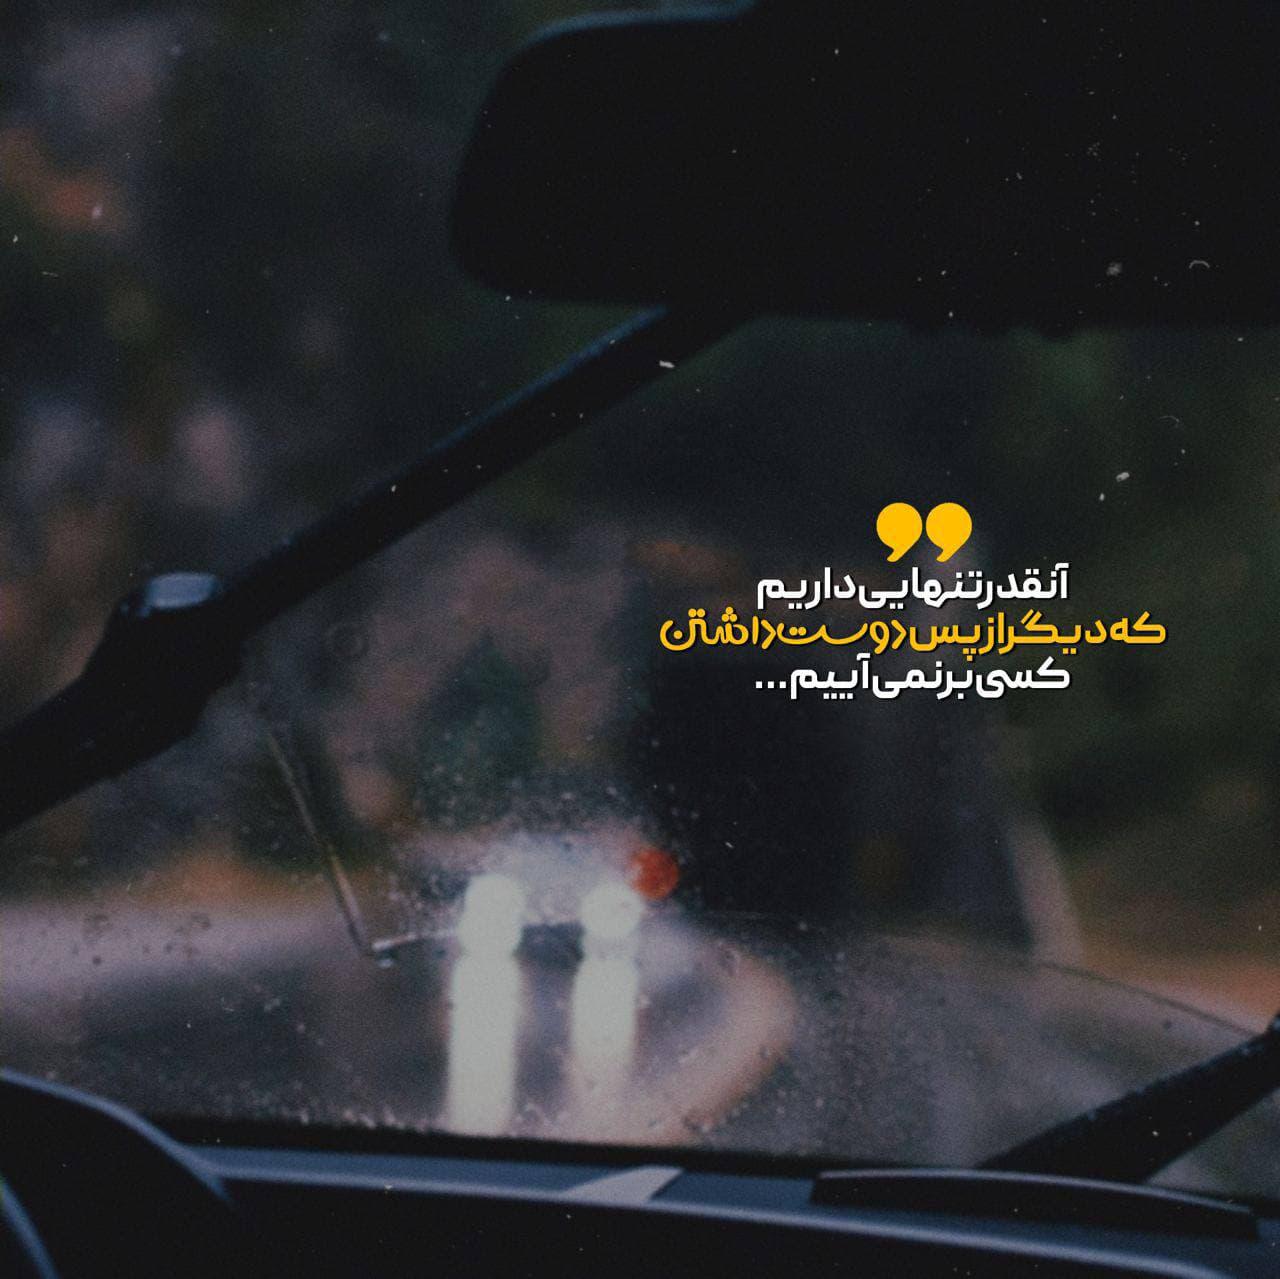 دلنوشته غمگین کوتاه